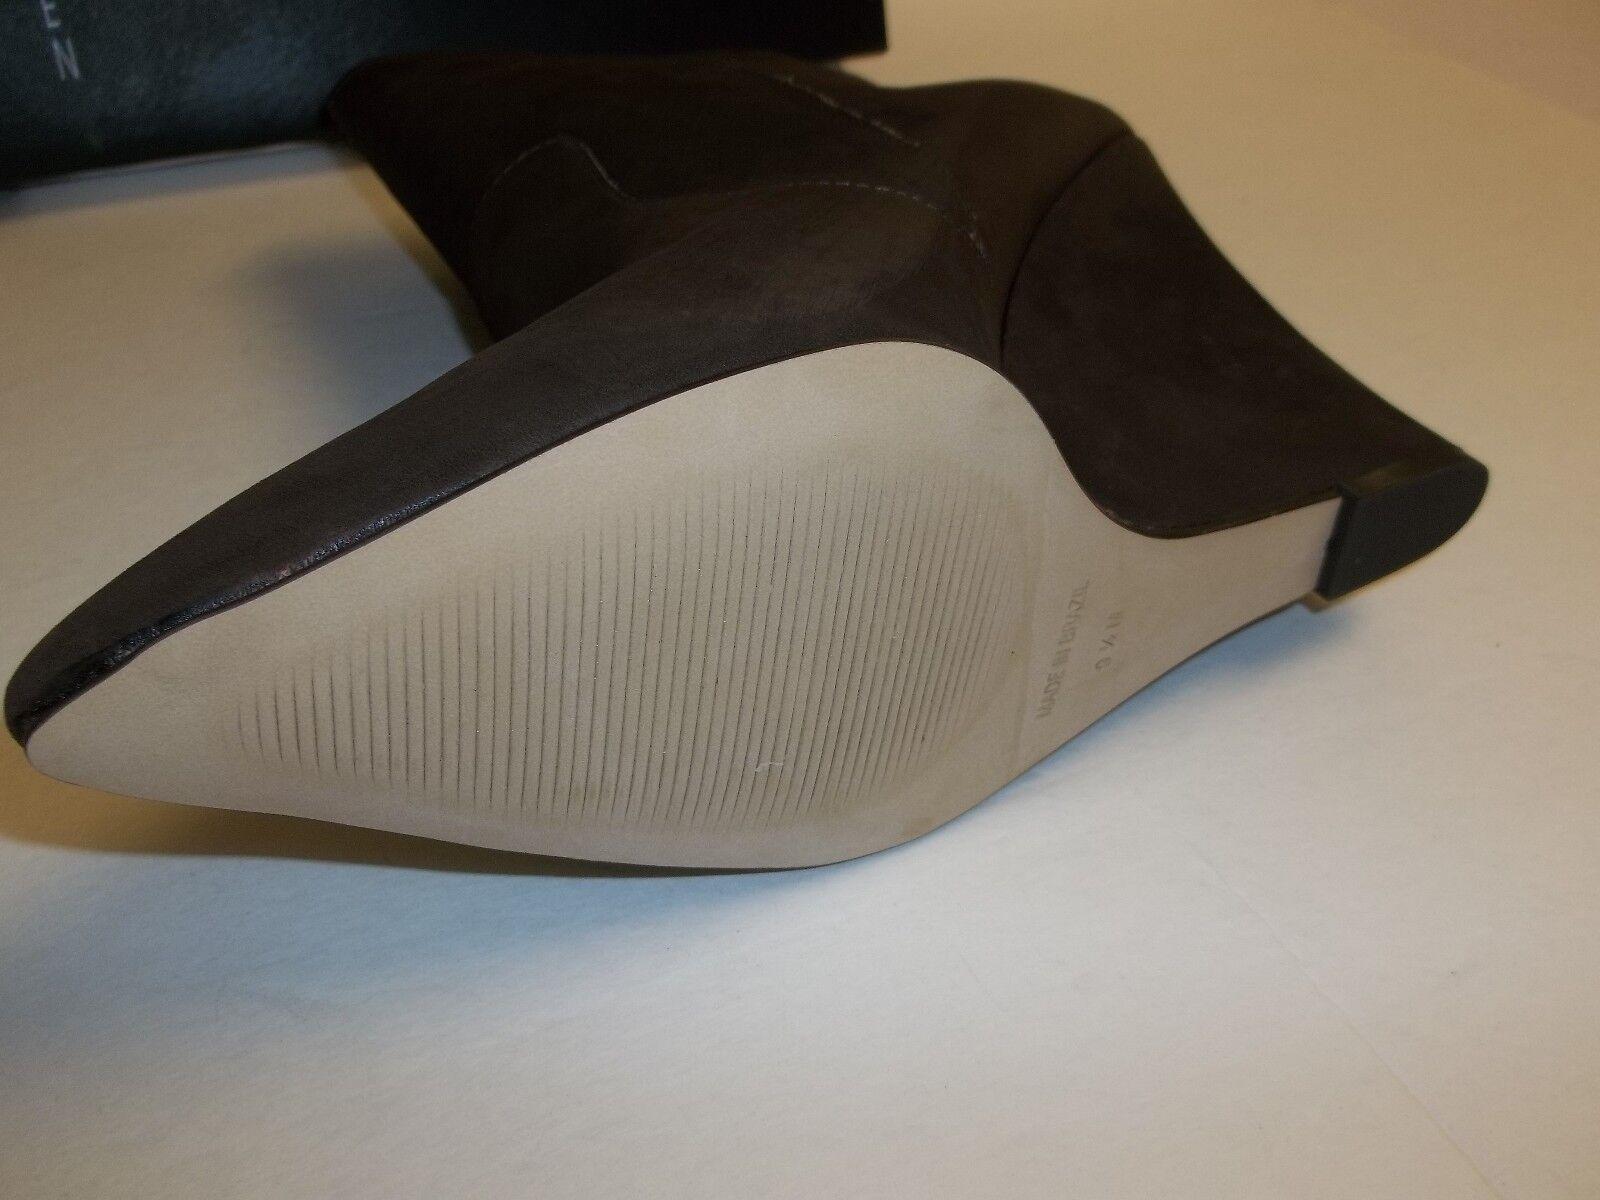 Steven Steve Madden Sz 6 M Meter Distressed Braun Leder Stiefel Stiefel Leder New Damenschuhe Schuhes e8a722